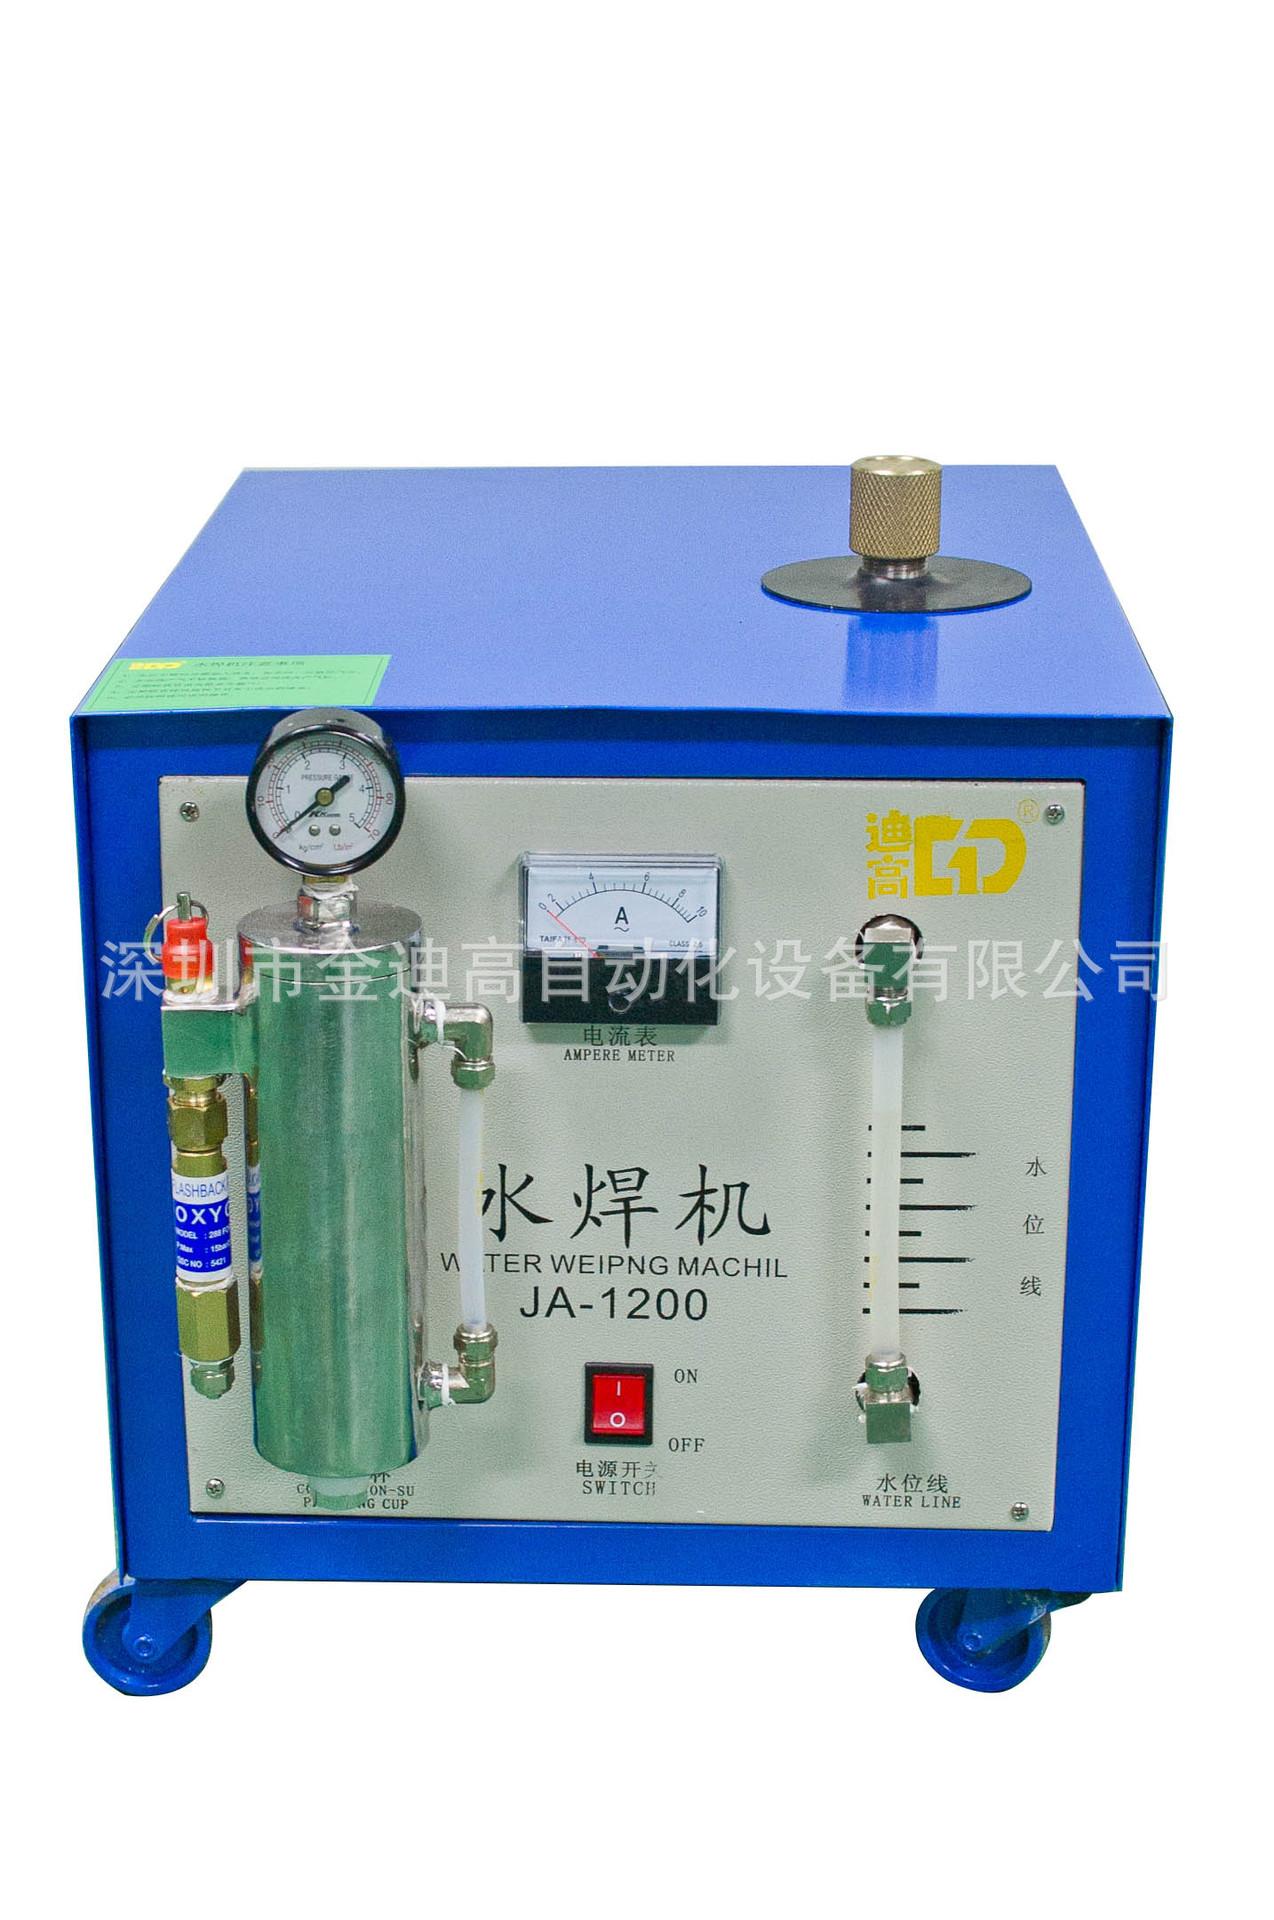 顺德水焊机-淡水不锈钢配件焊接设备-廊坊电线焊接机